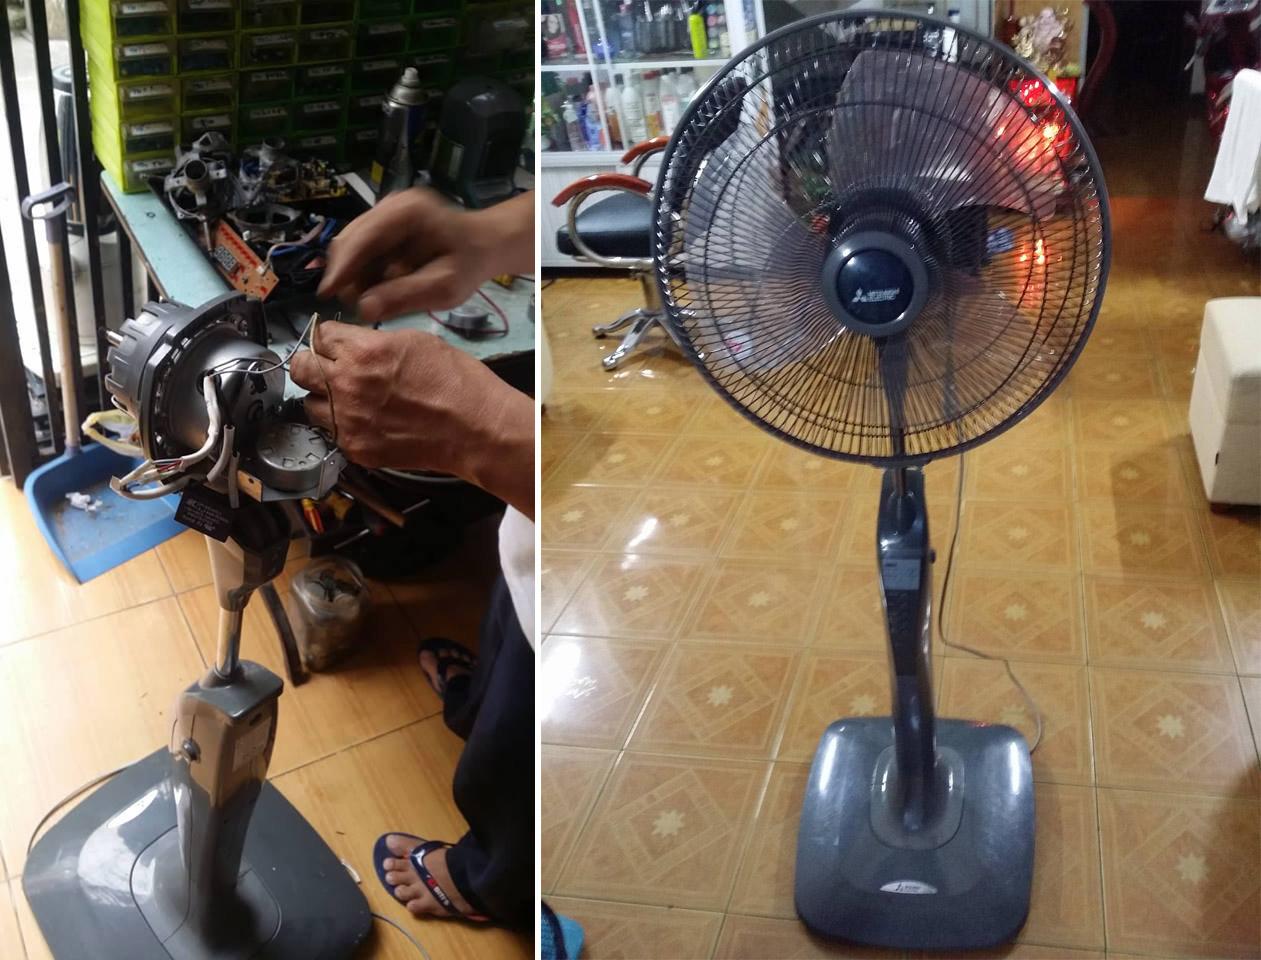 Thợ điện Hữu Thịnh đang đấu dây điện hoàn tất quá trình sửa một cây quạt Mitsubishi giao cho khách hàng.